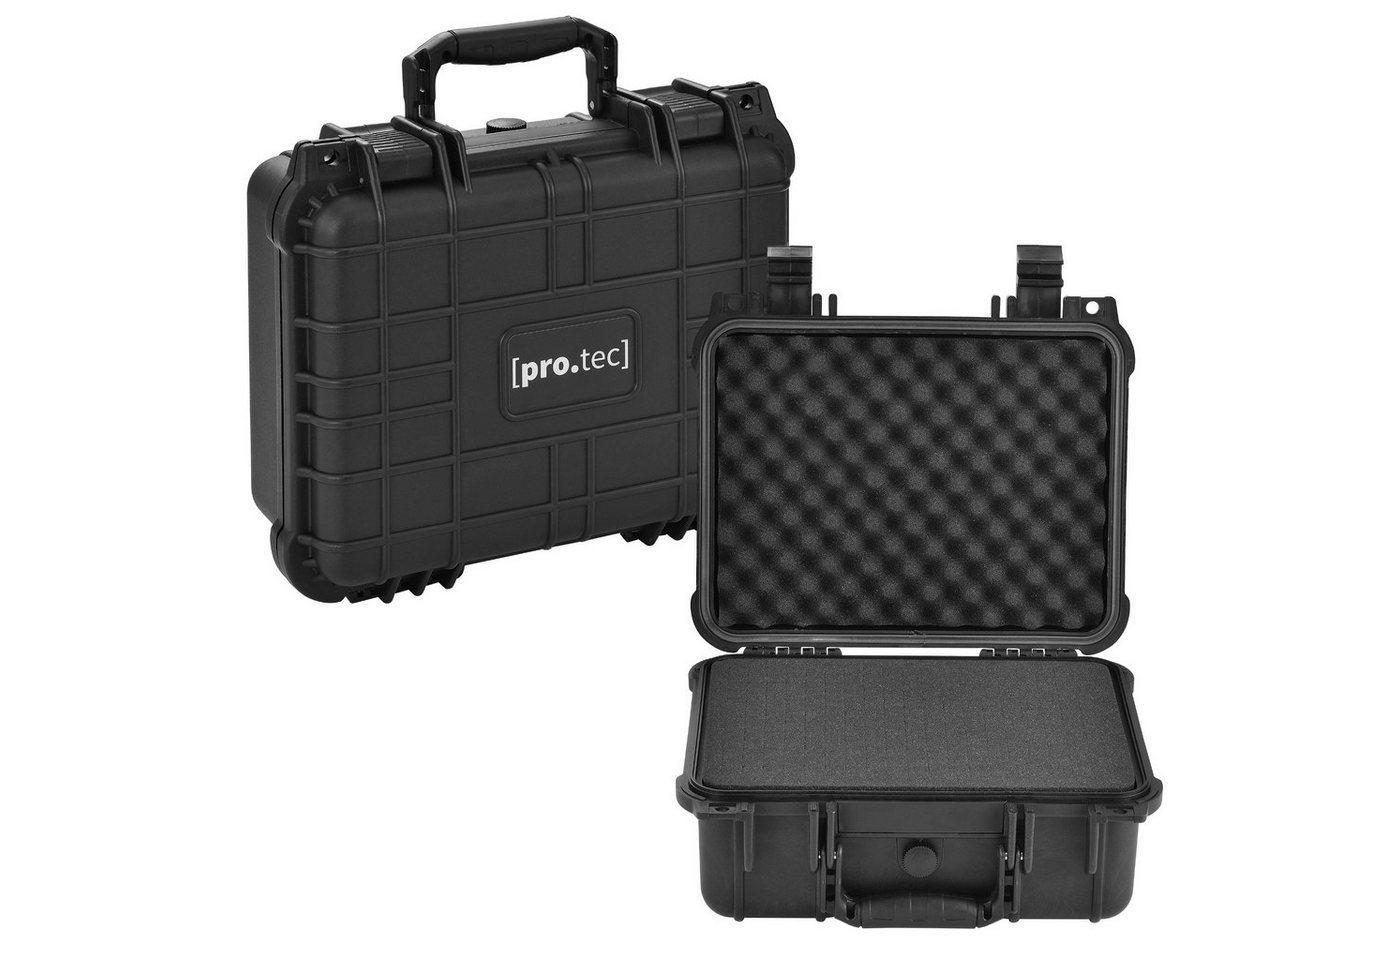 Pro-tec Koffer, Schutzkoffer in diversen Größen, ideal als Transportkoffer oder Fotokoffer